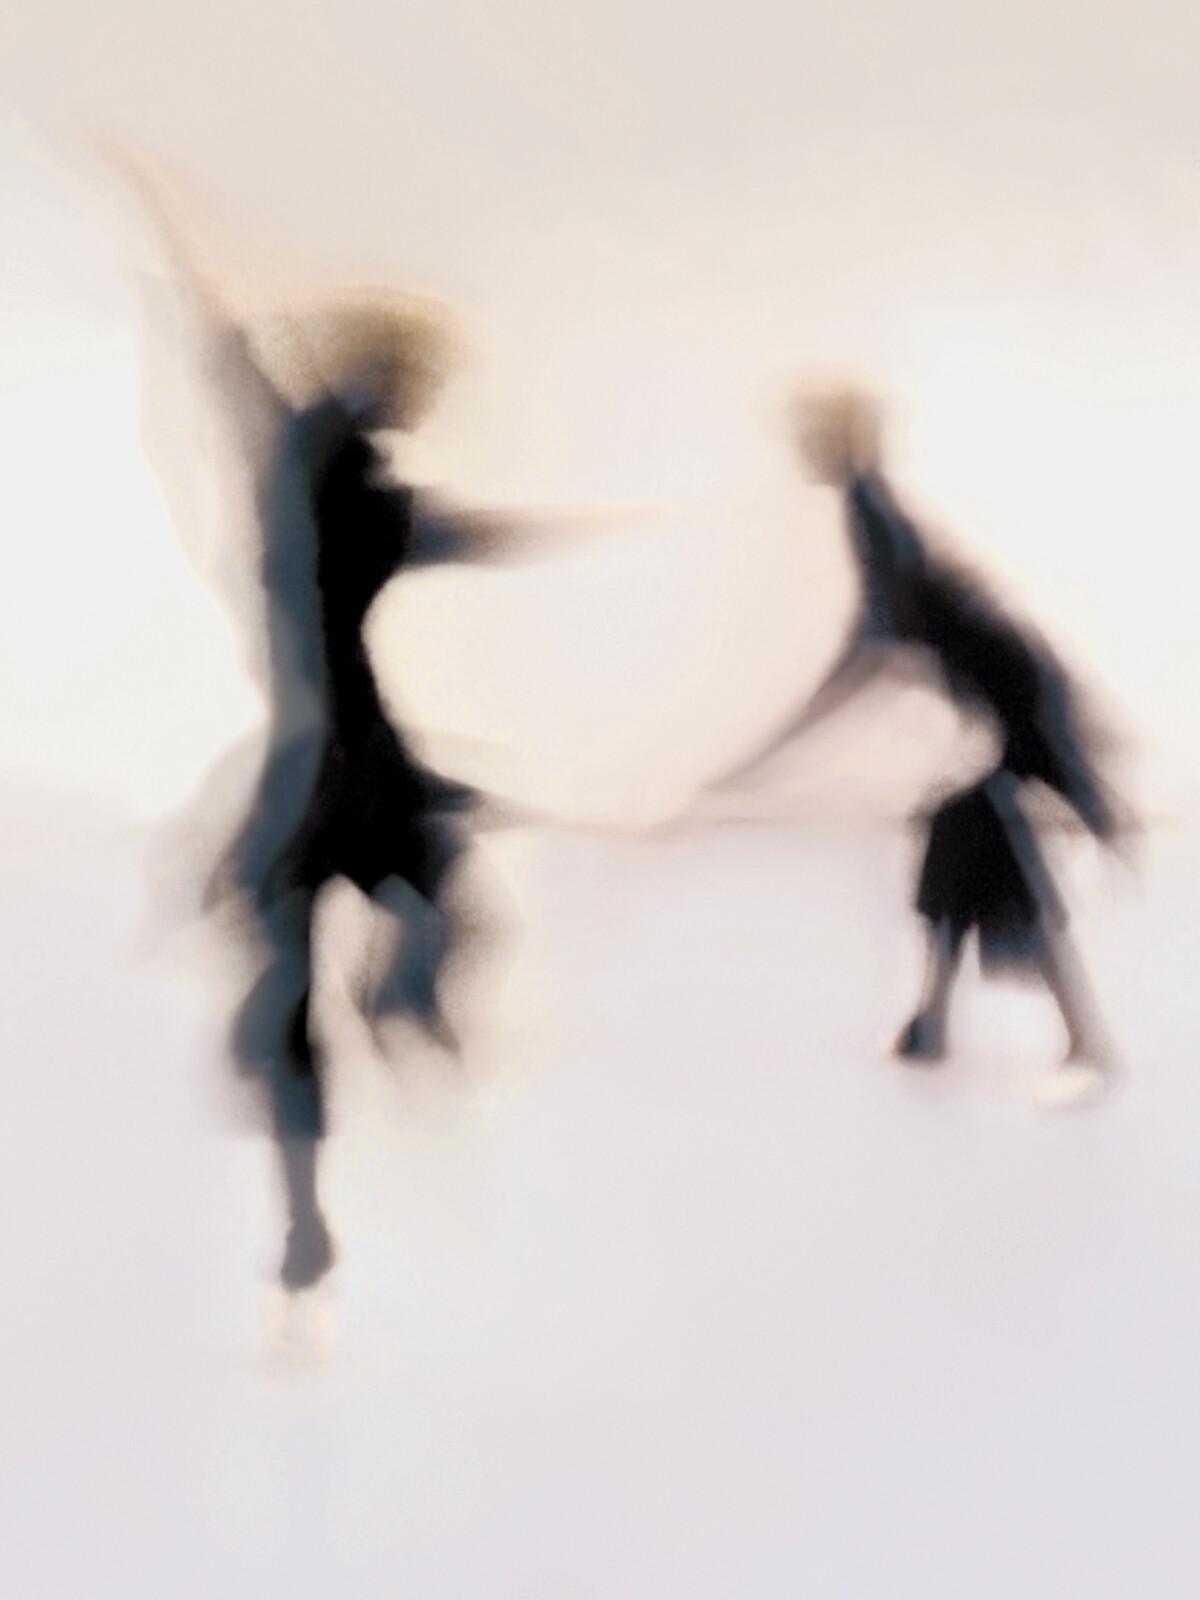 Digital Dancers (No2) - Joerg Maxzin